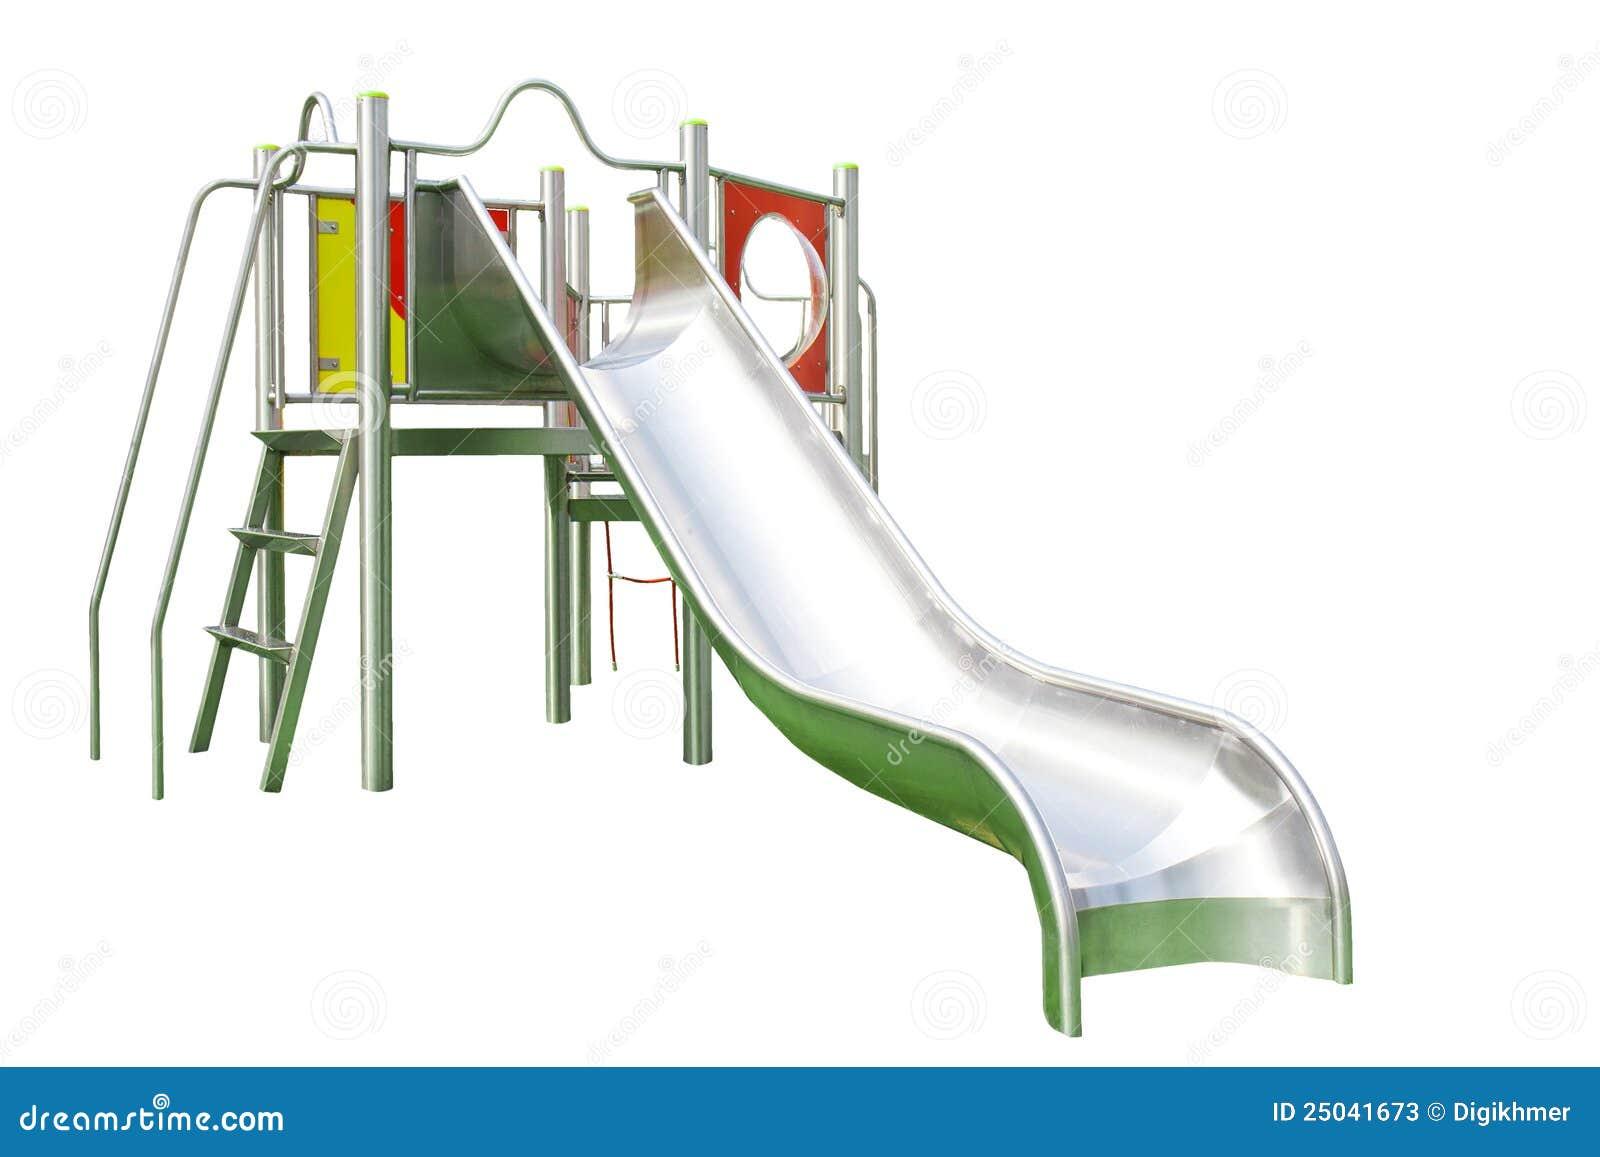 Playground Slide Isolated On White Stock Photos - Image ...